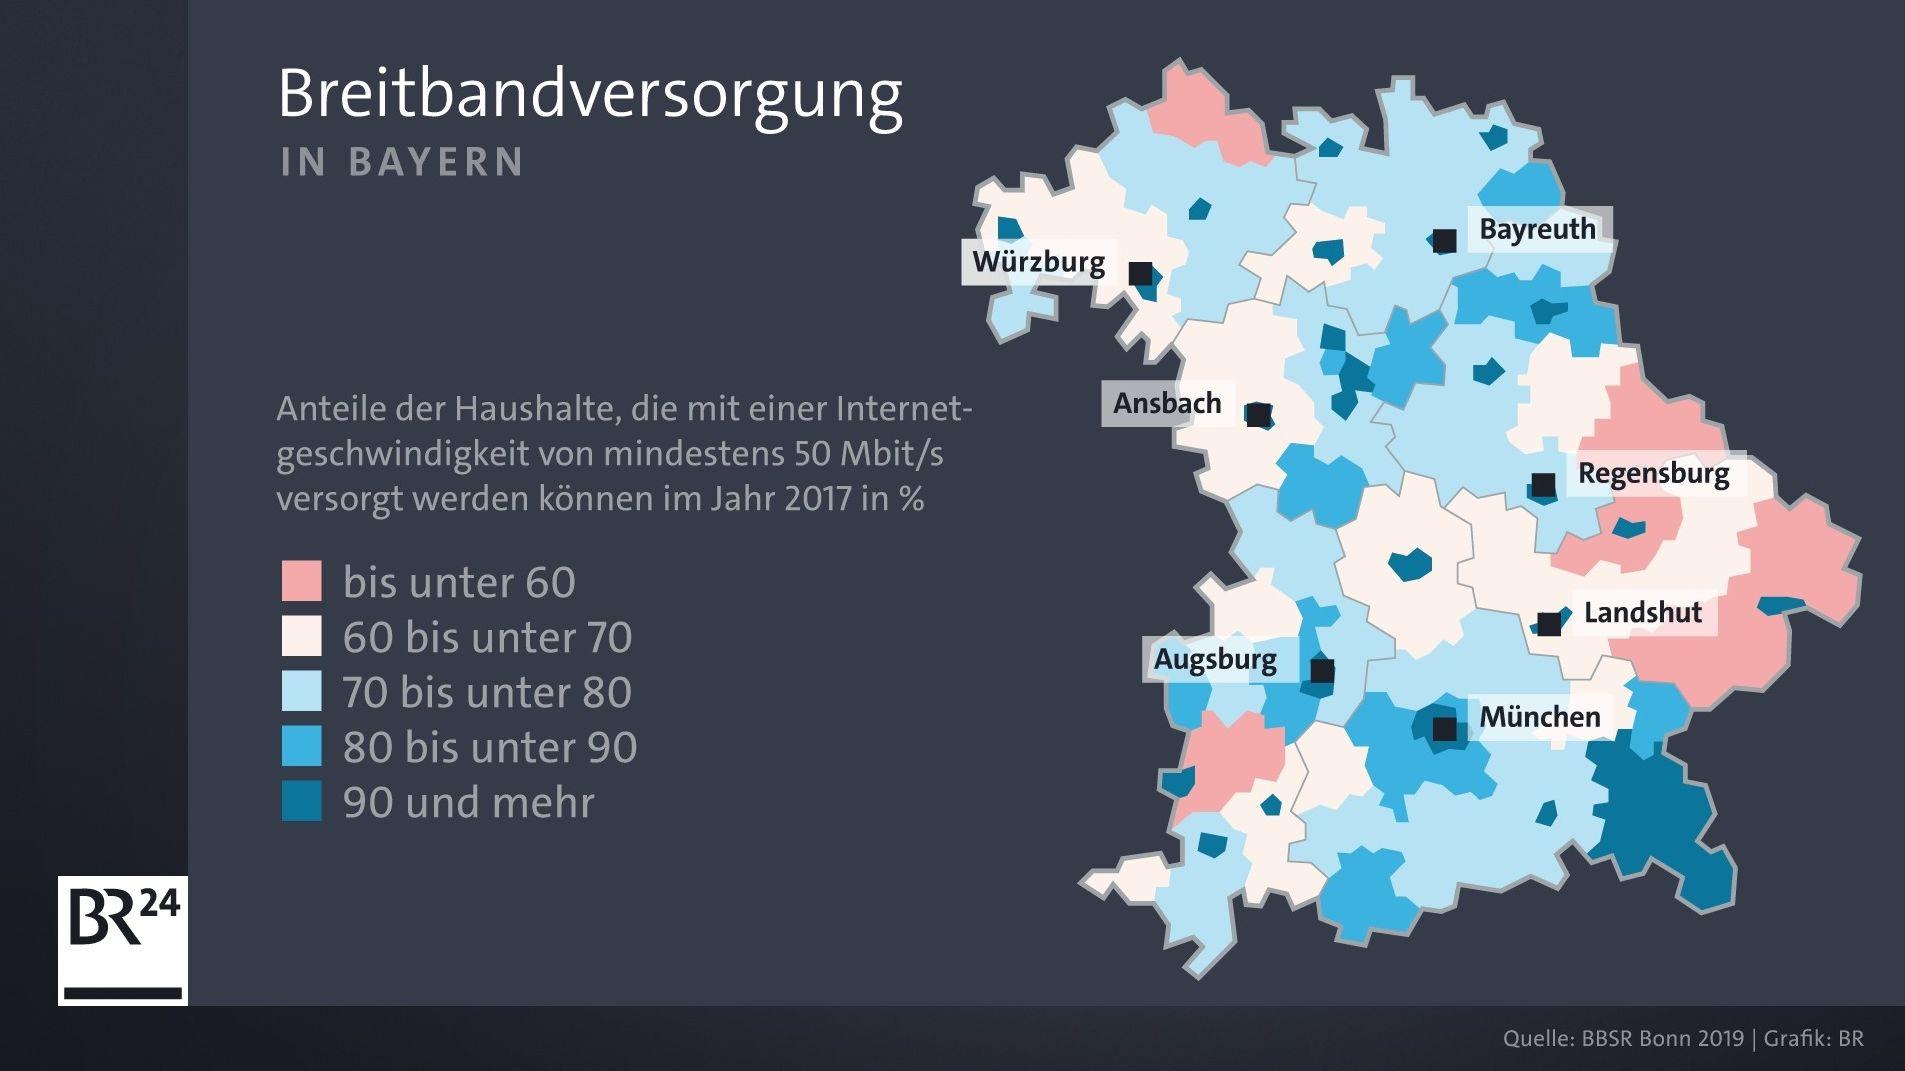 Breitbandversorgung in Bayern